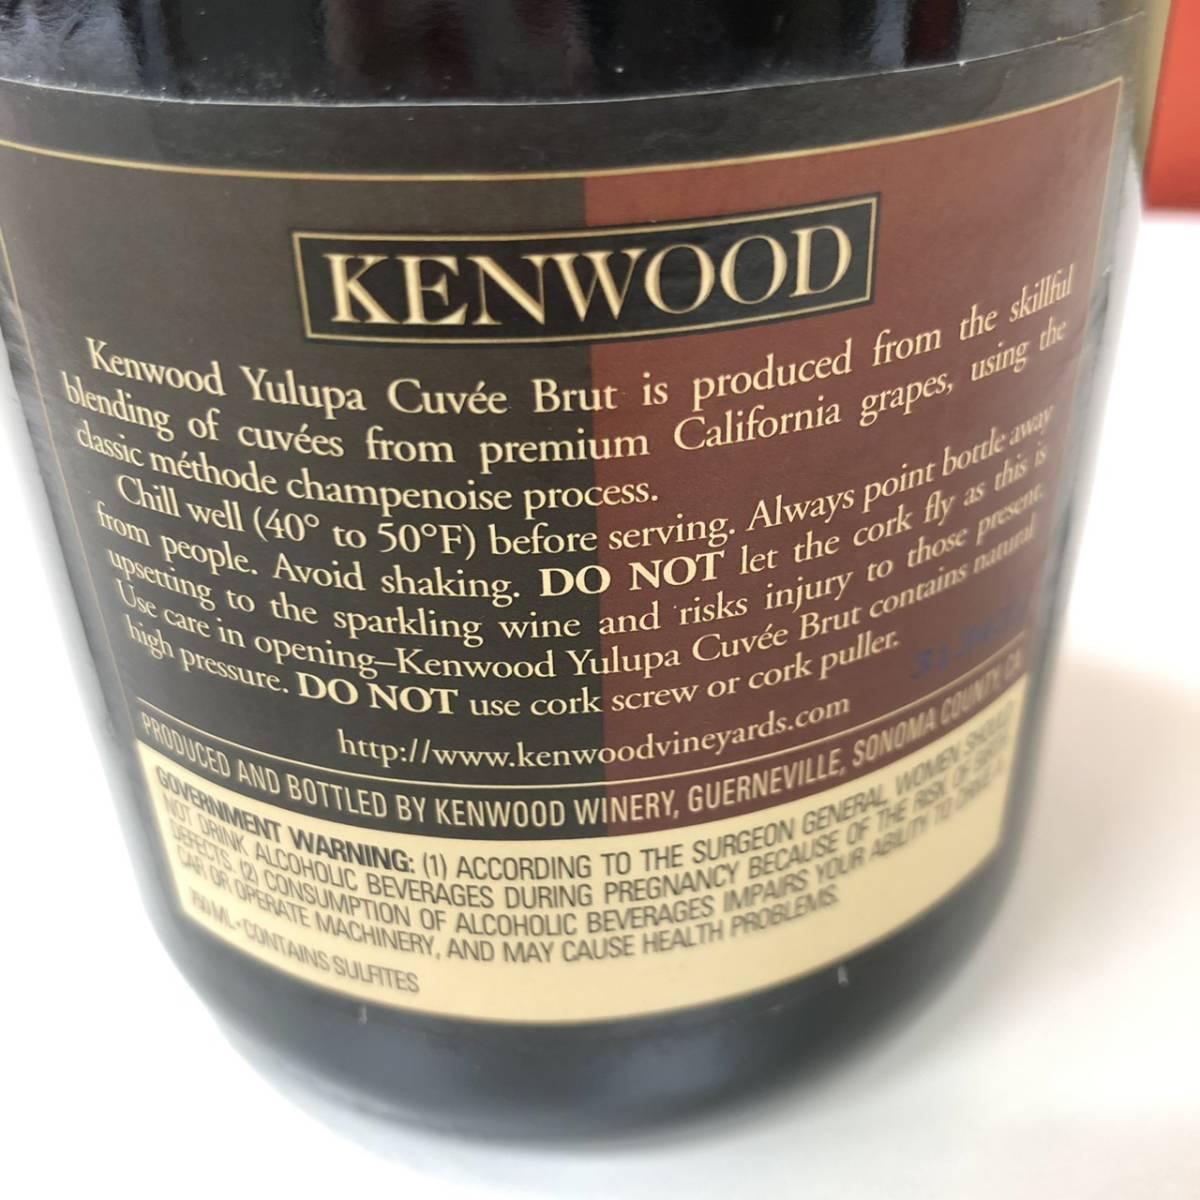 【2456】スパークリング ワイン ◆KENWOOD & エルドベーア・シャウムヴァイン ◆ ストロベリー イチゴ 2本セット 750ml 古酒 アルコール_画像5